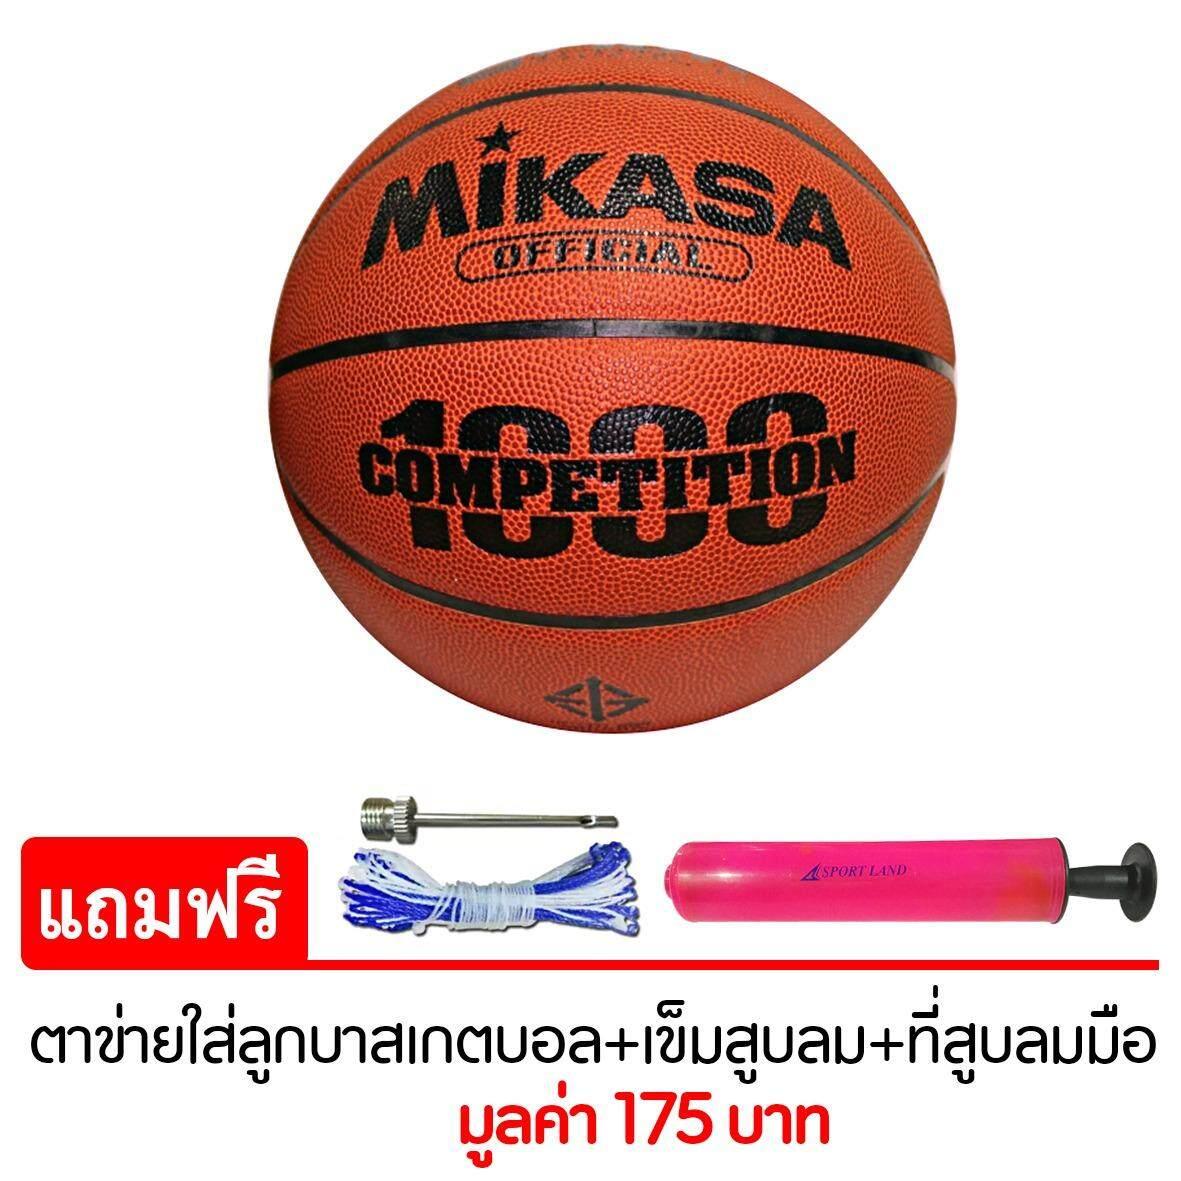 ซื้อ Mikasa บาสเก็ตบอล Basketball Mks Pu Bq1000Fiba แถมฟรี ตาข่ายใส่ลูกบาสเกตบอล เข็มสูบสูบลม สูบมือ Spl รุ่น Sl6 สีชมพู